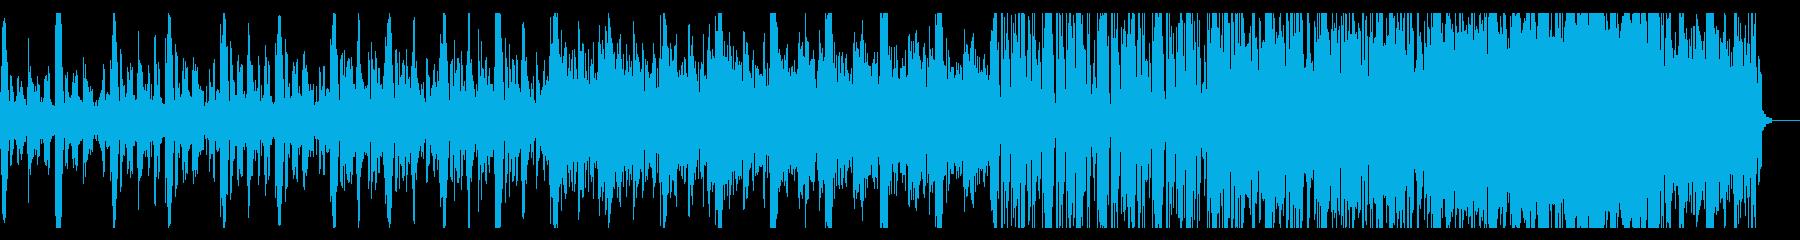 デジタルなシネマティックアンビエントの再生済みの波形